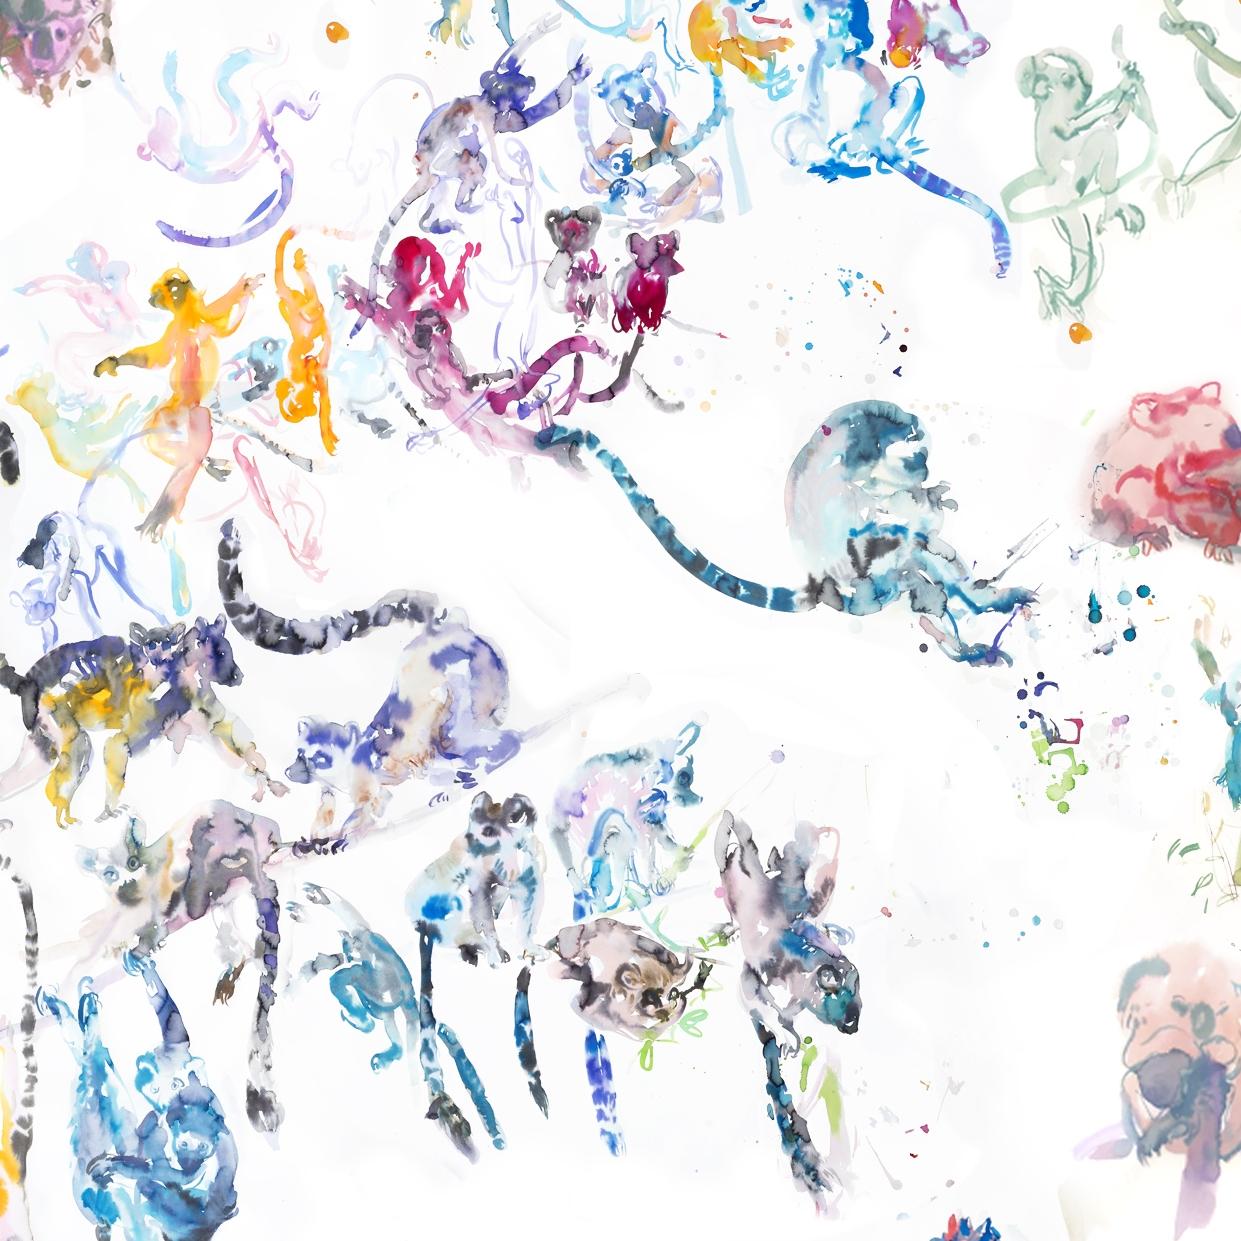 lemurs3.jpg